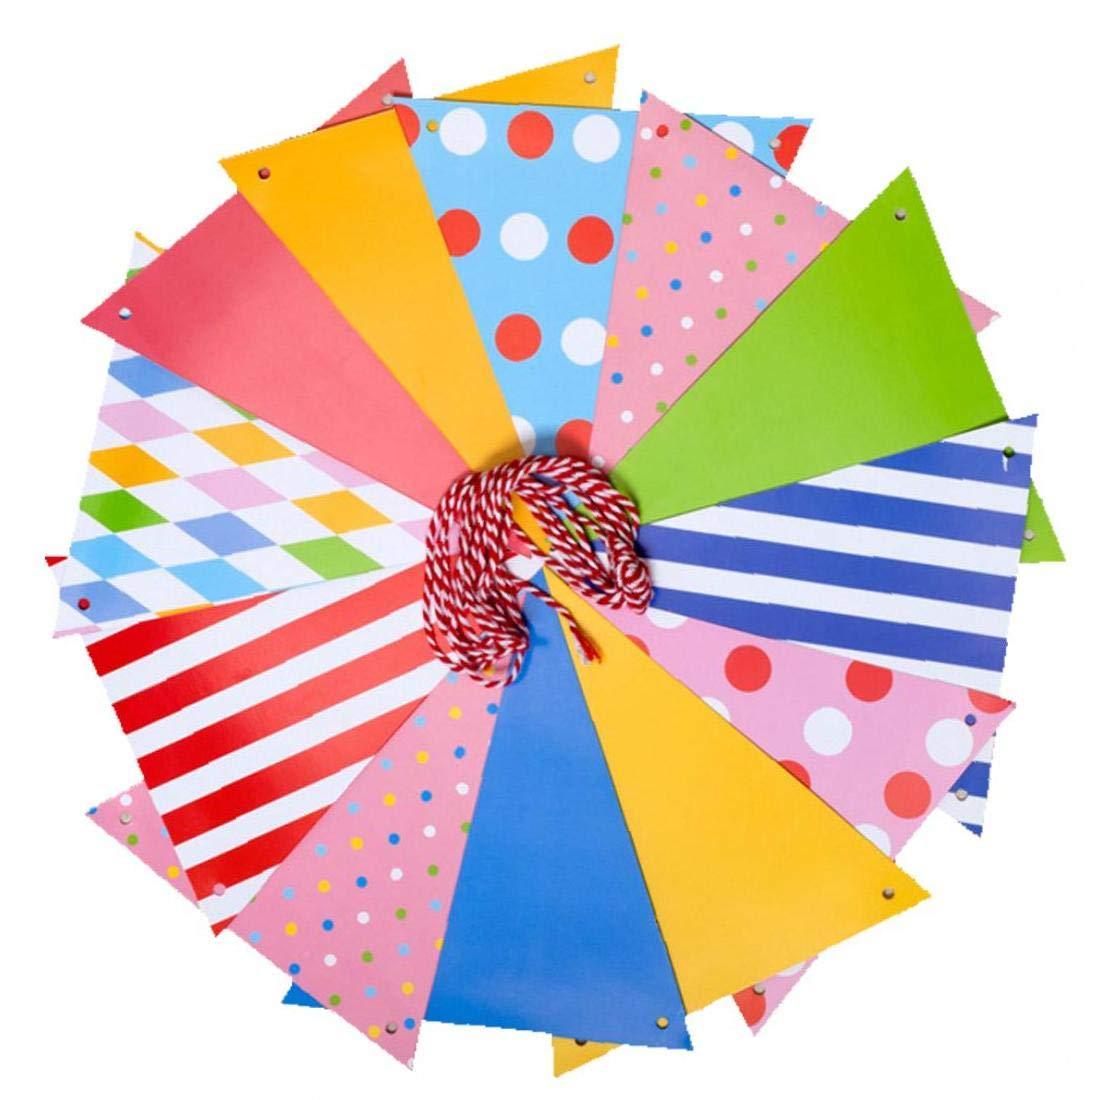 Papel de Troya Patr/ón Bunting Banner bander/ín de la Bandera Que cuelga Apoyo de la Foto del Partido de Las guirnaldas de cumplea/ños Decoraci/ón Decoraci/ón Art/ículos de Fiesta